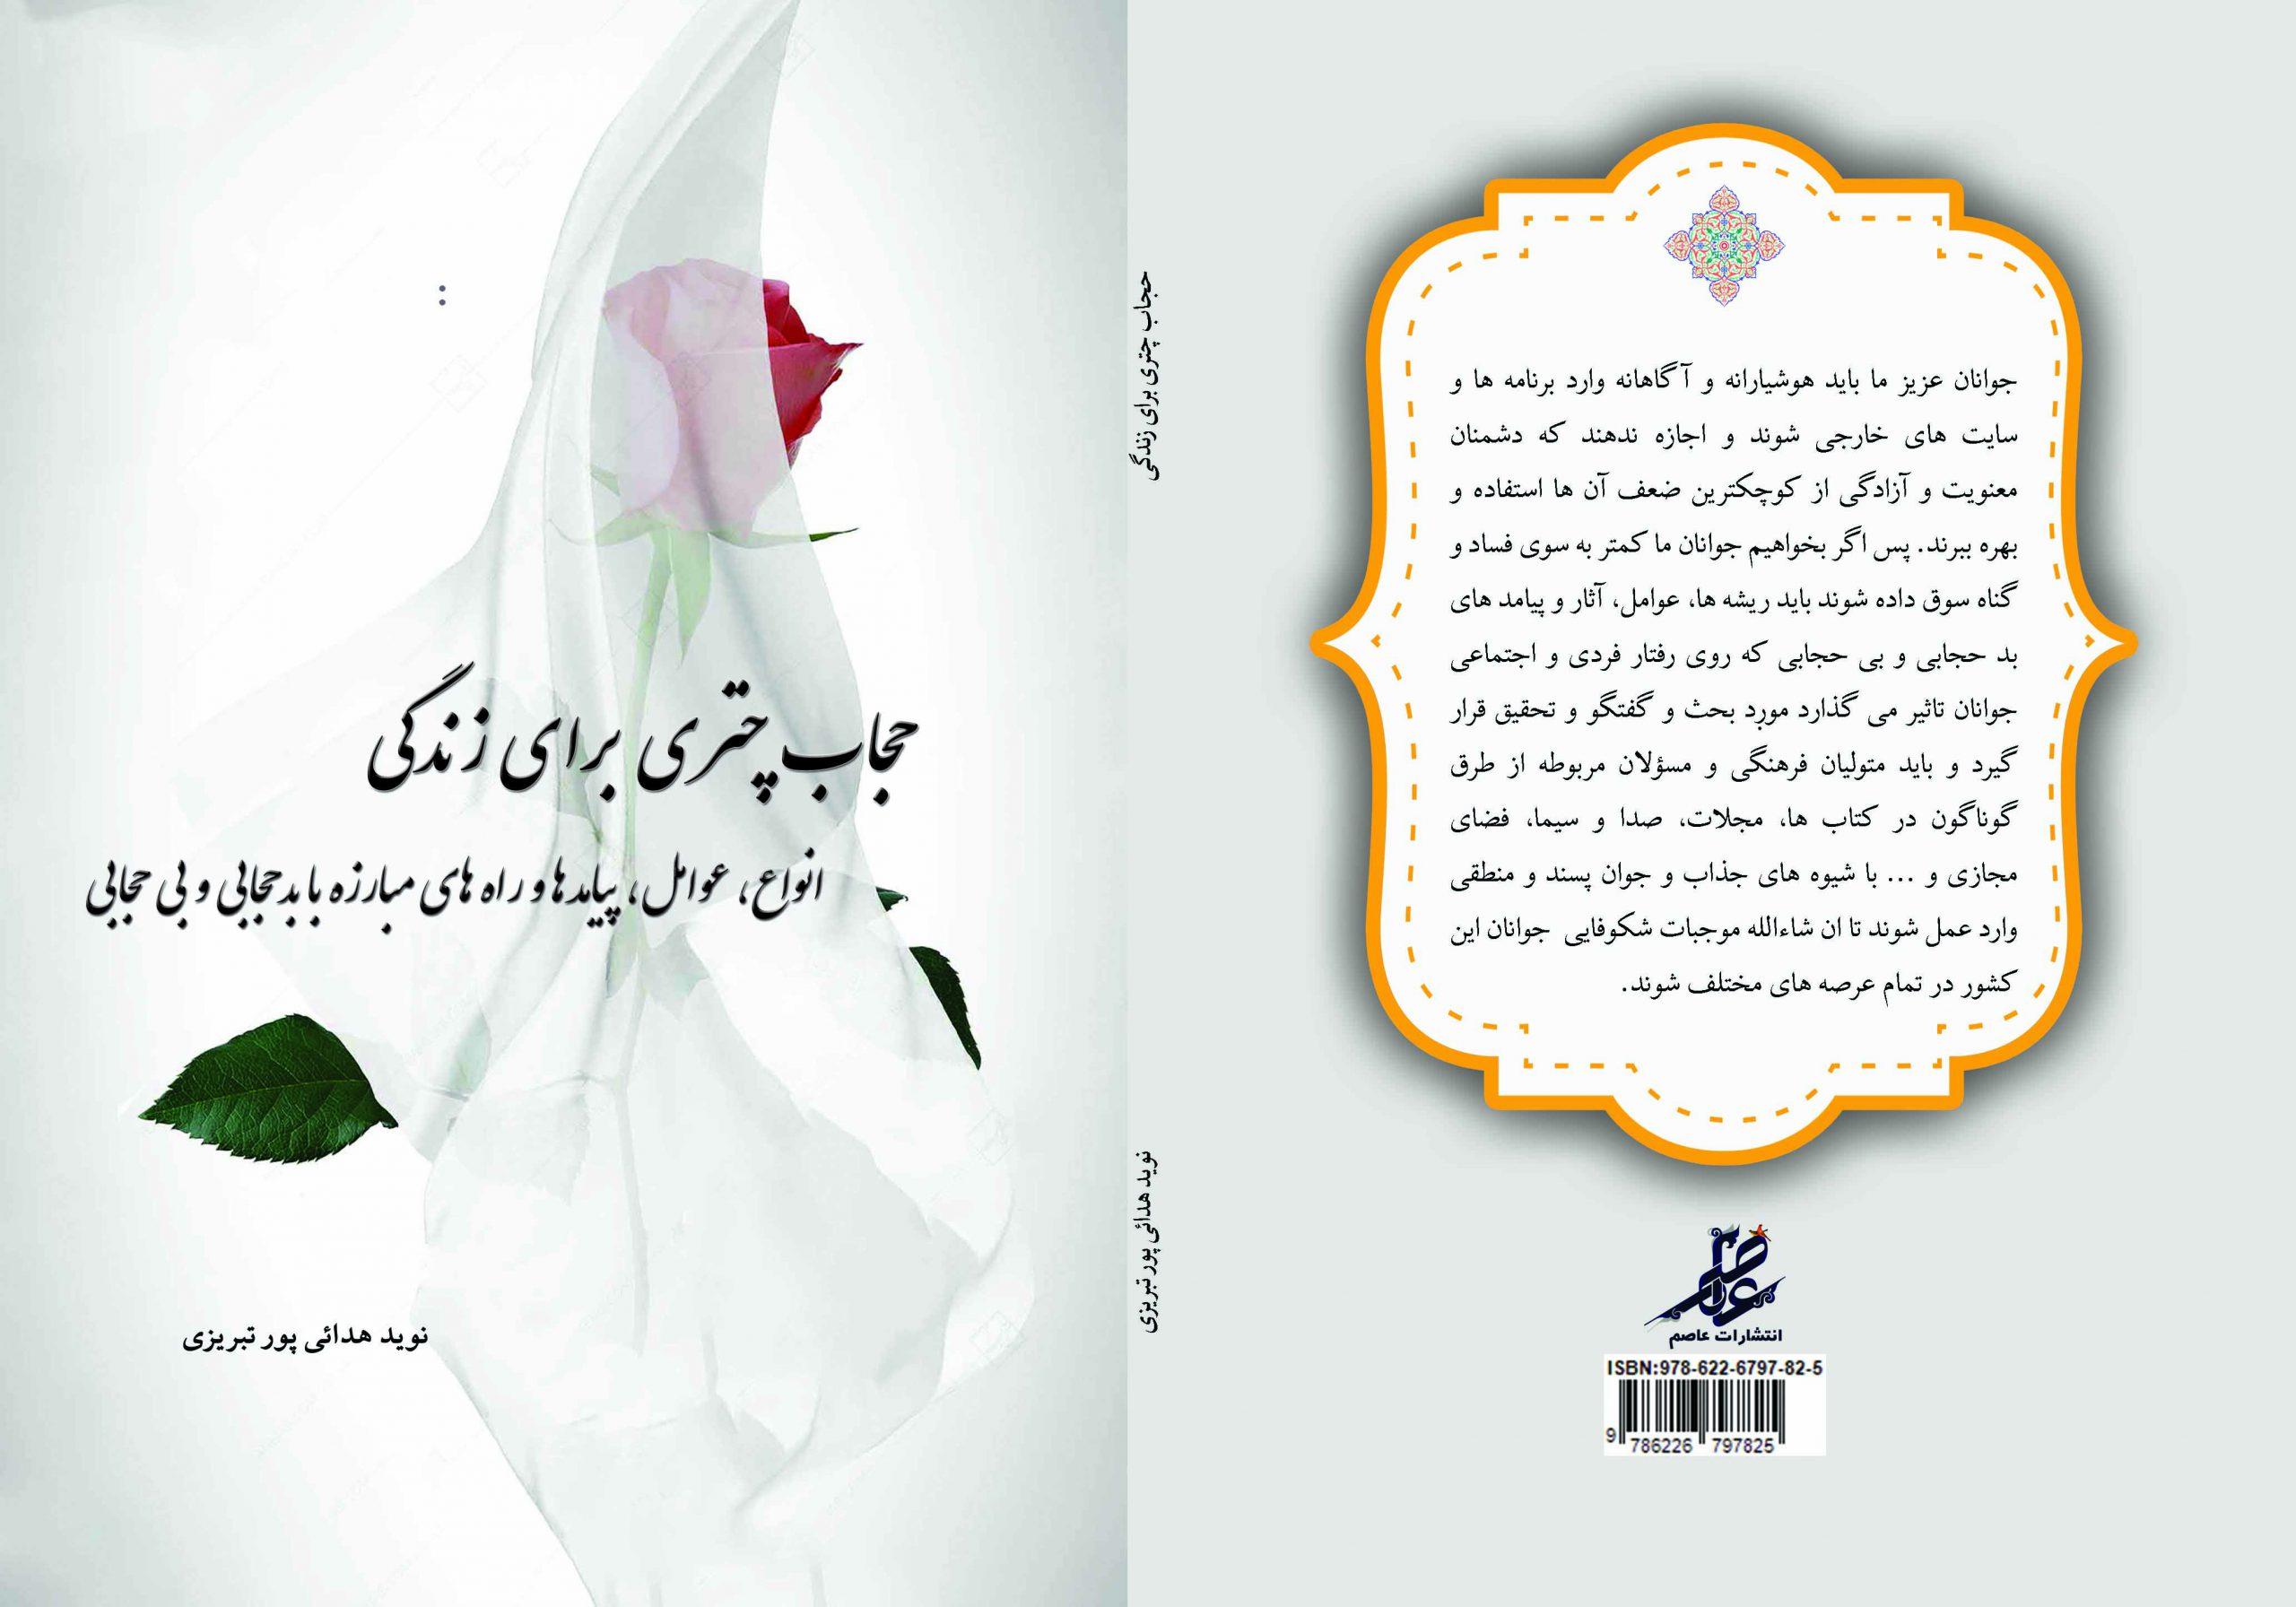 کتاب حجاب چتری برای زندگی